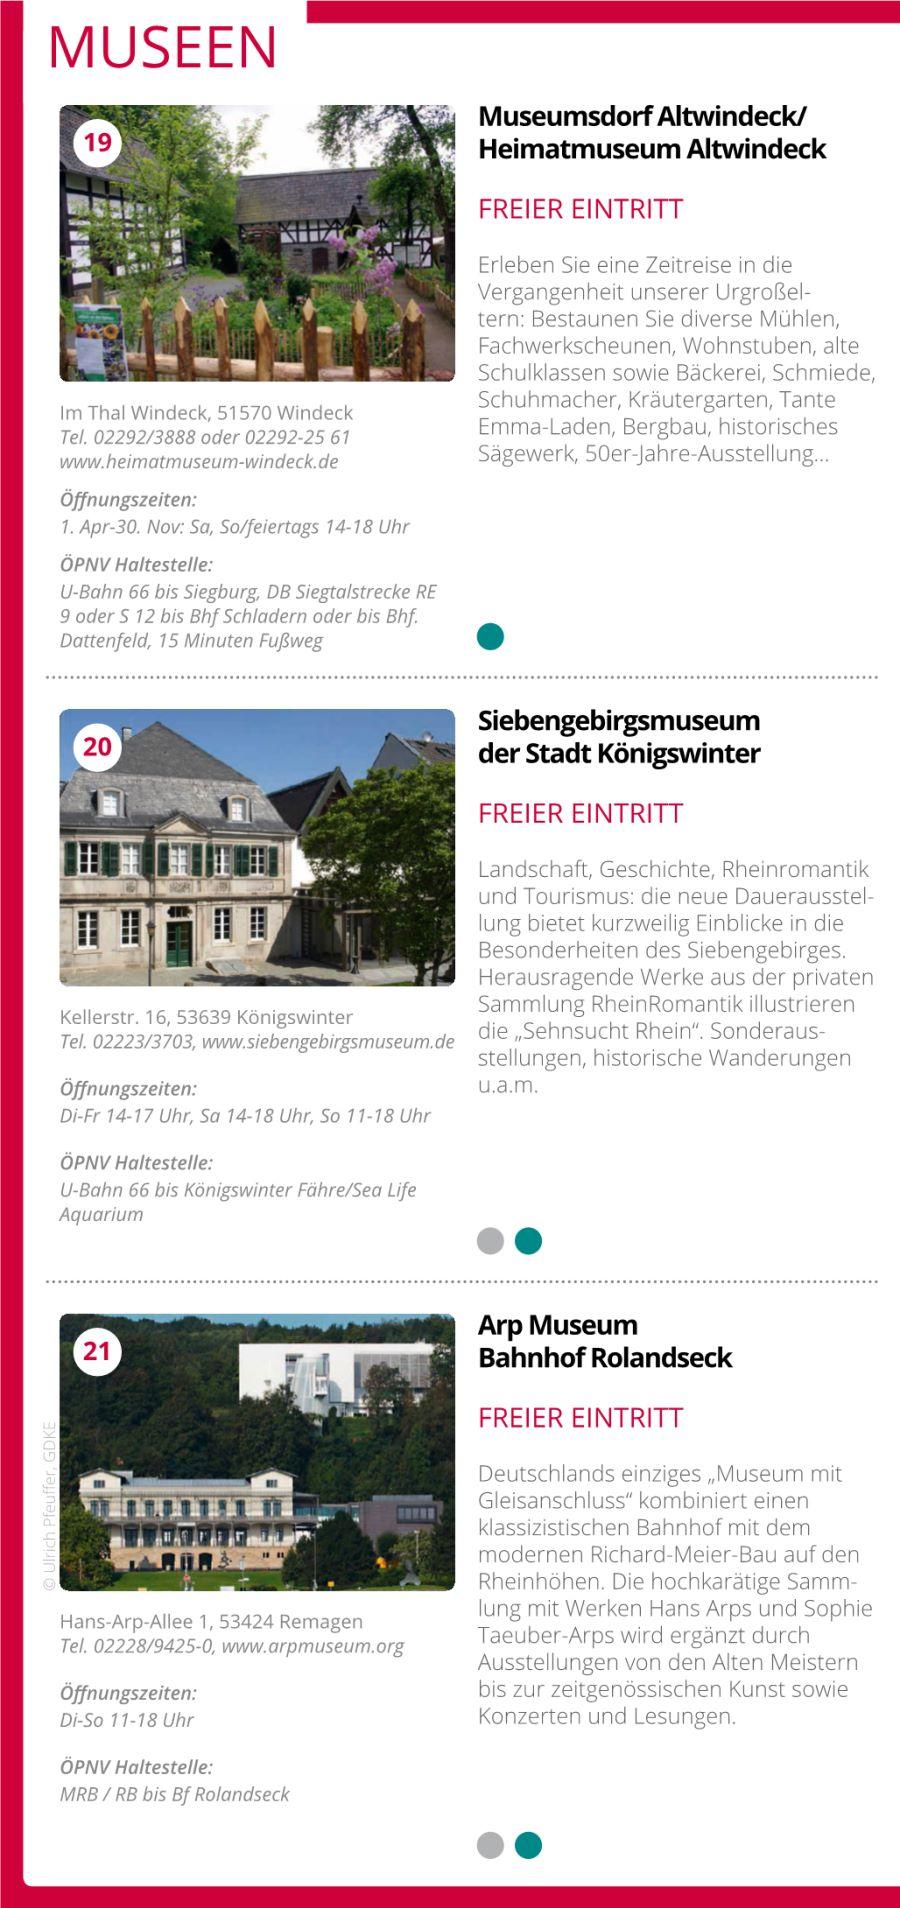 wohnstuben gestaltung : Index Of Flip Welcomecard De Epaper Assets Mobile Pages